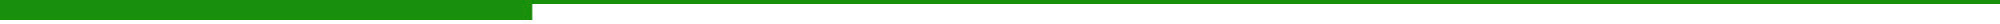 green-line-down.jpg